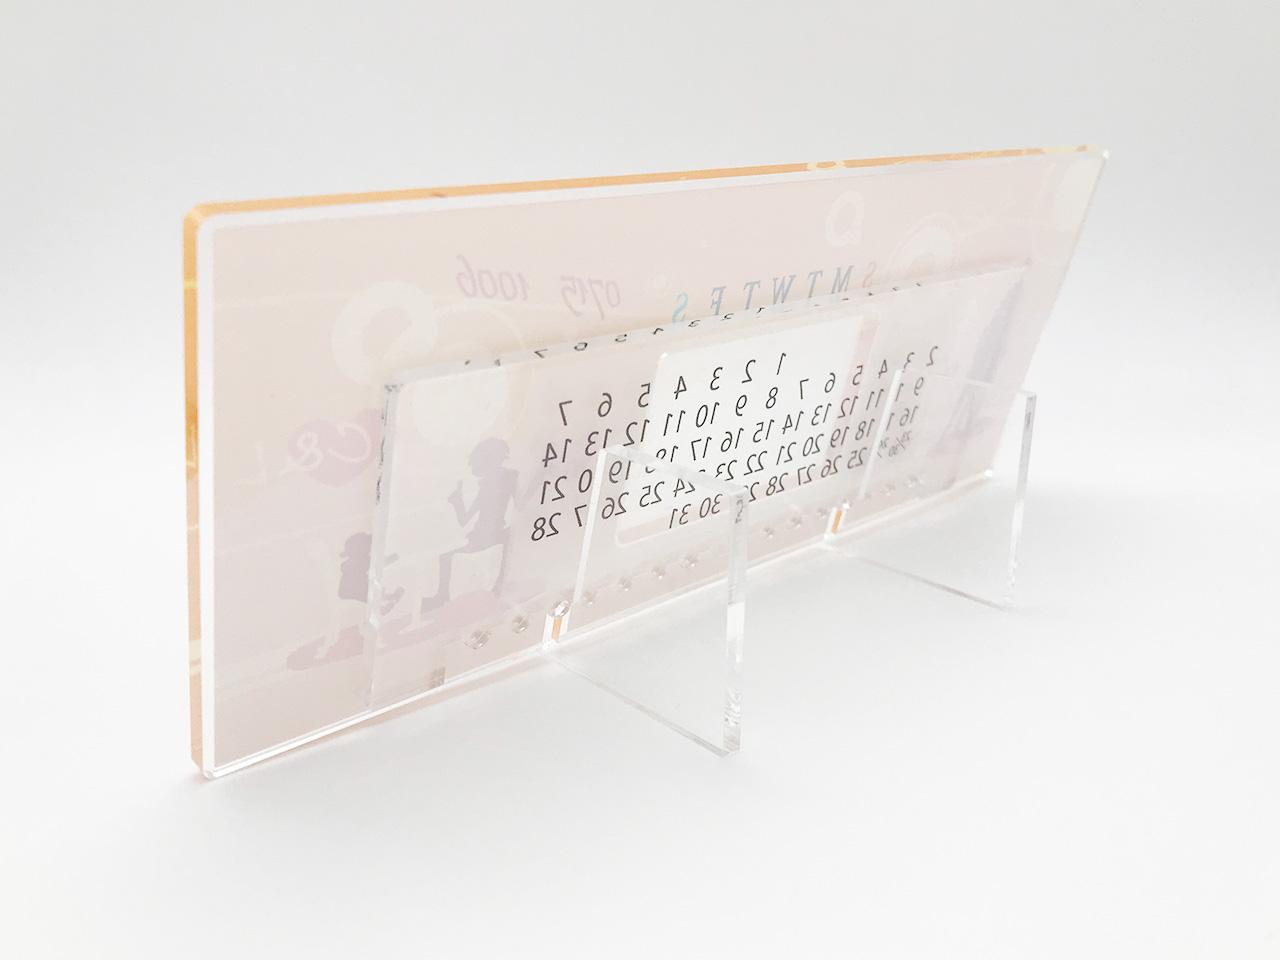 アクリル万年カレンダー 画像5